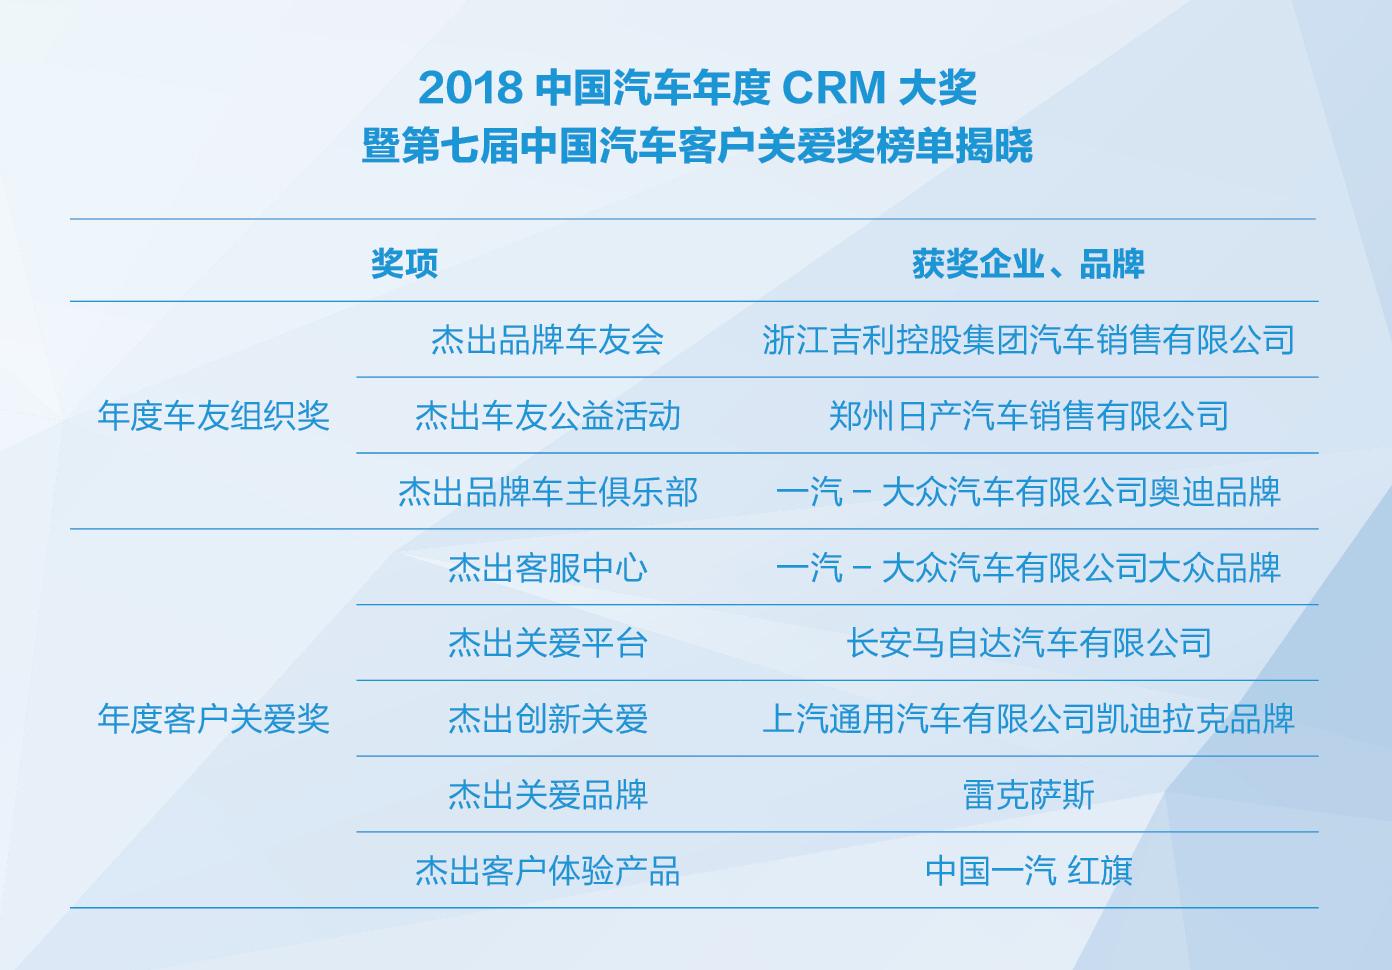 2018中国汽车年度CRM大奖暨第七届中国汽车客户关爱奖